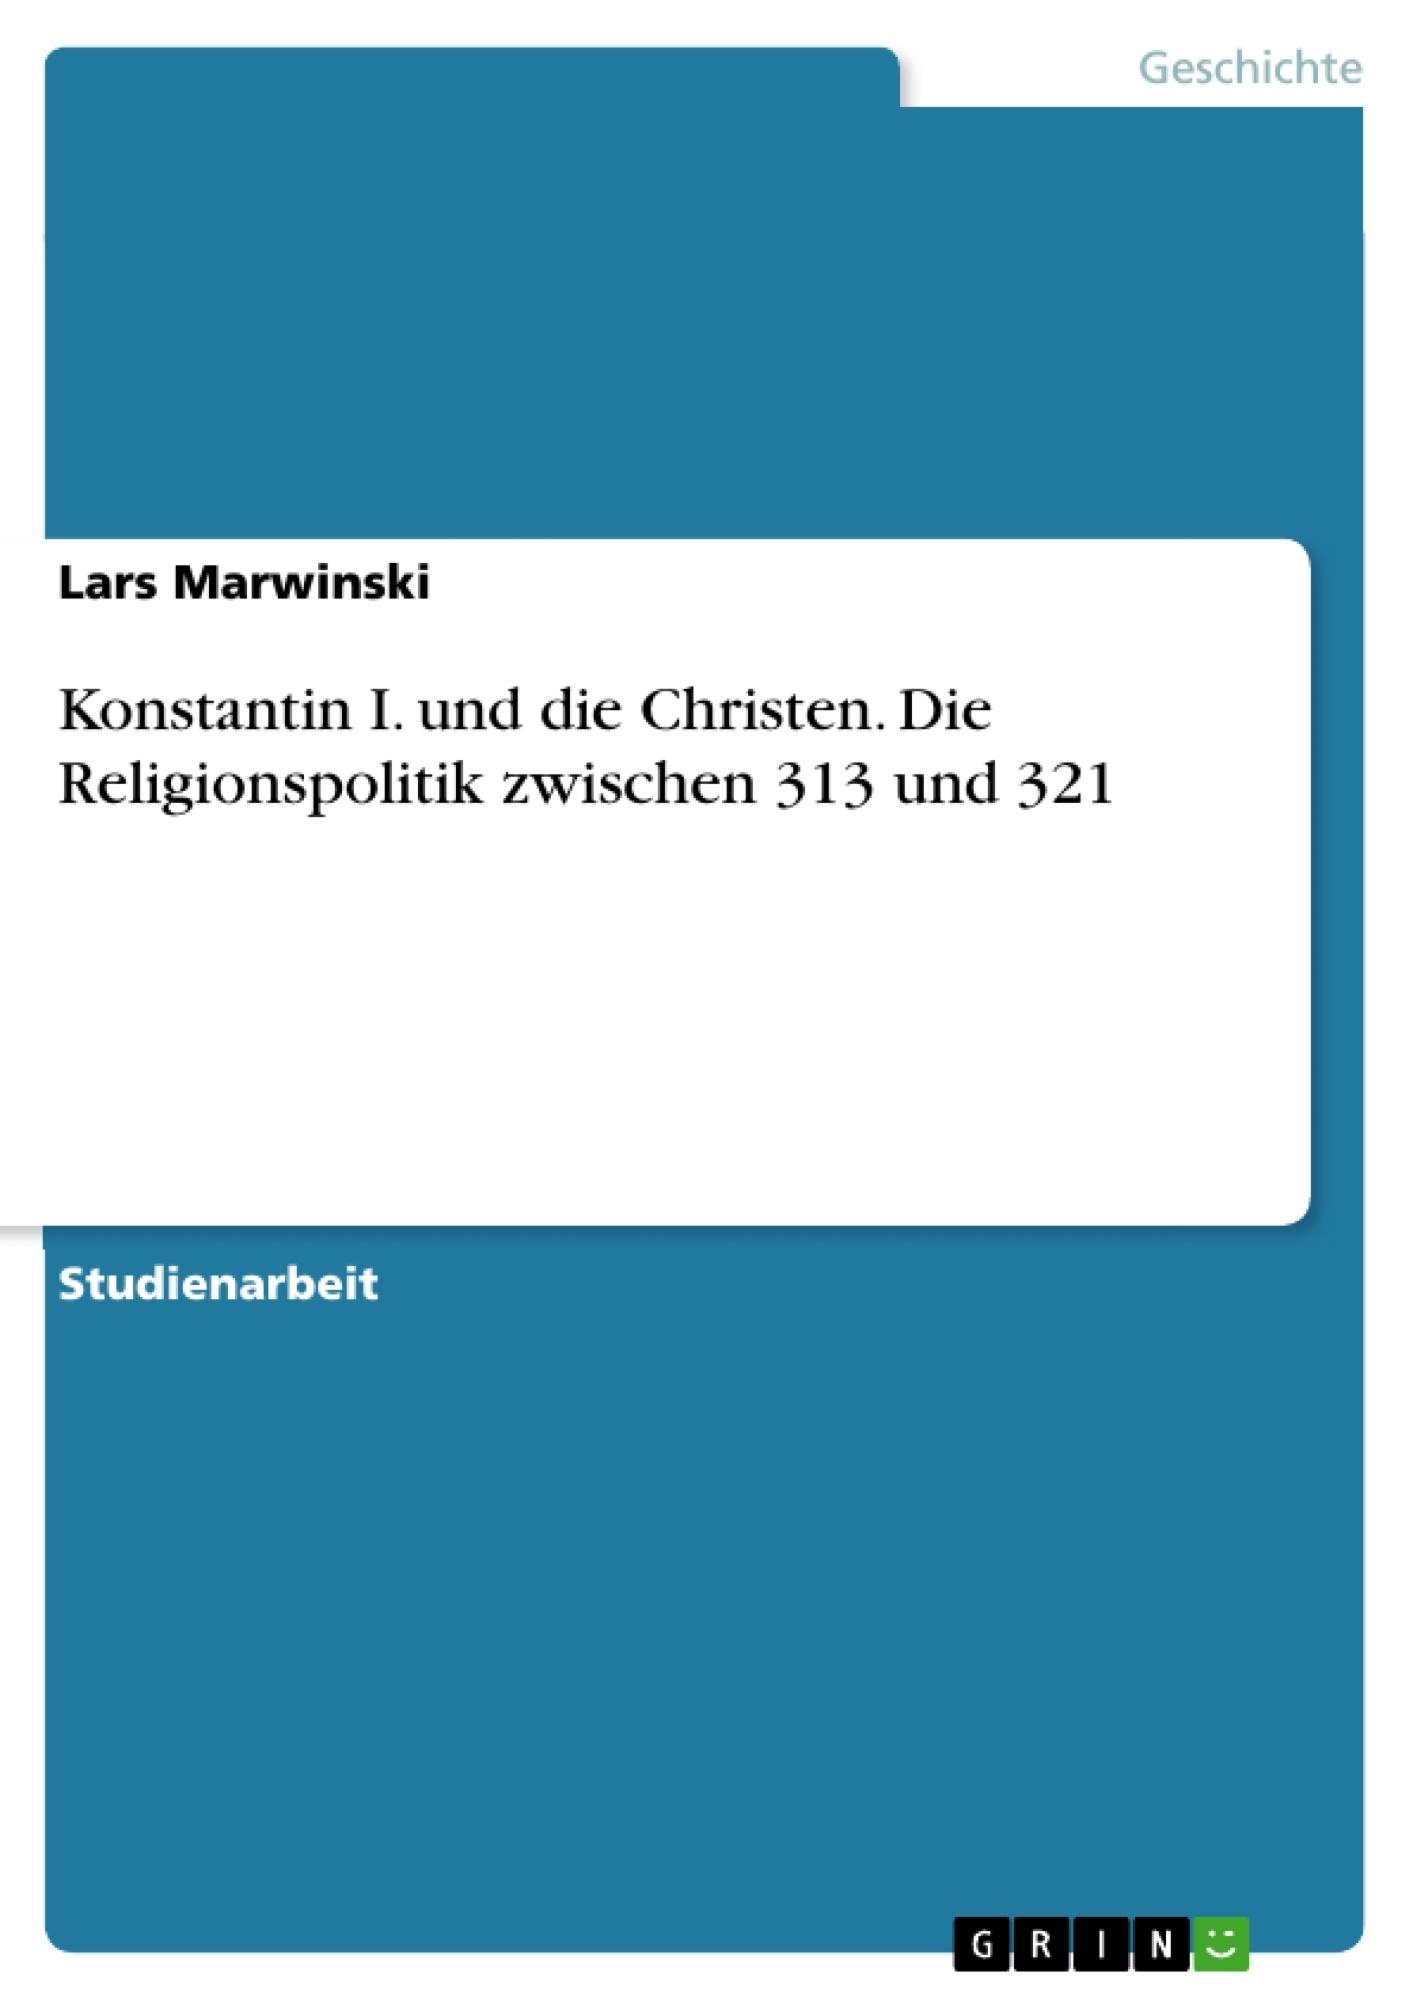 Titel: Konstantin I. und die Christen. Die Religionspolitik zwischen 313 und 321